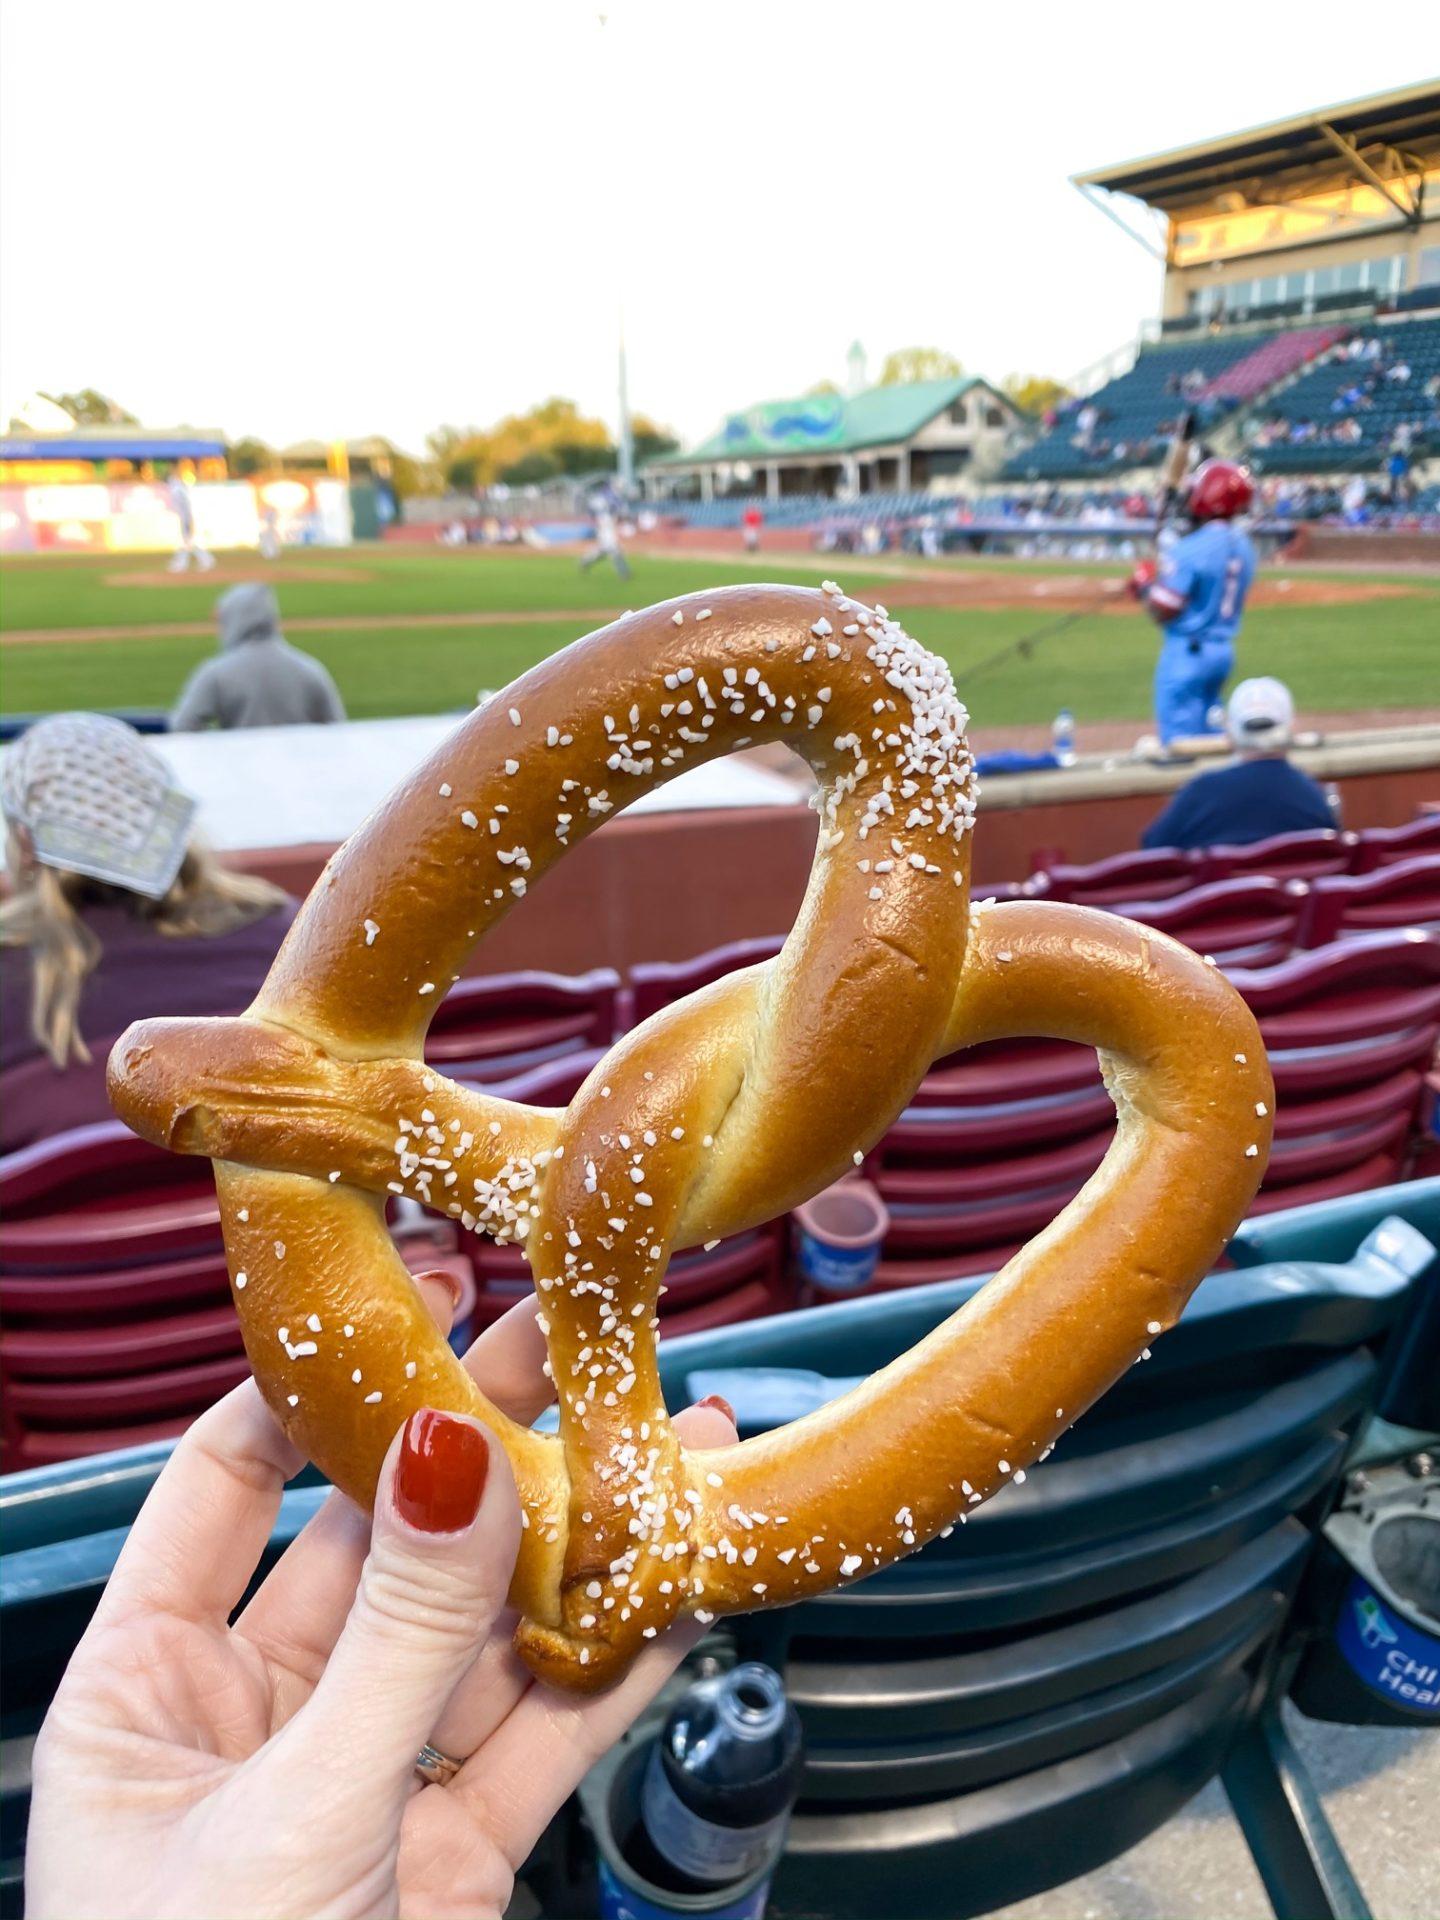 pretzel at the ballp